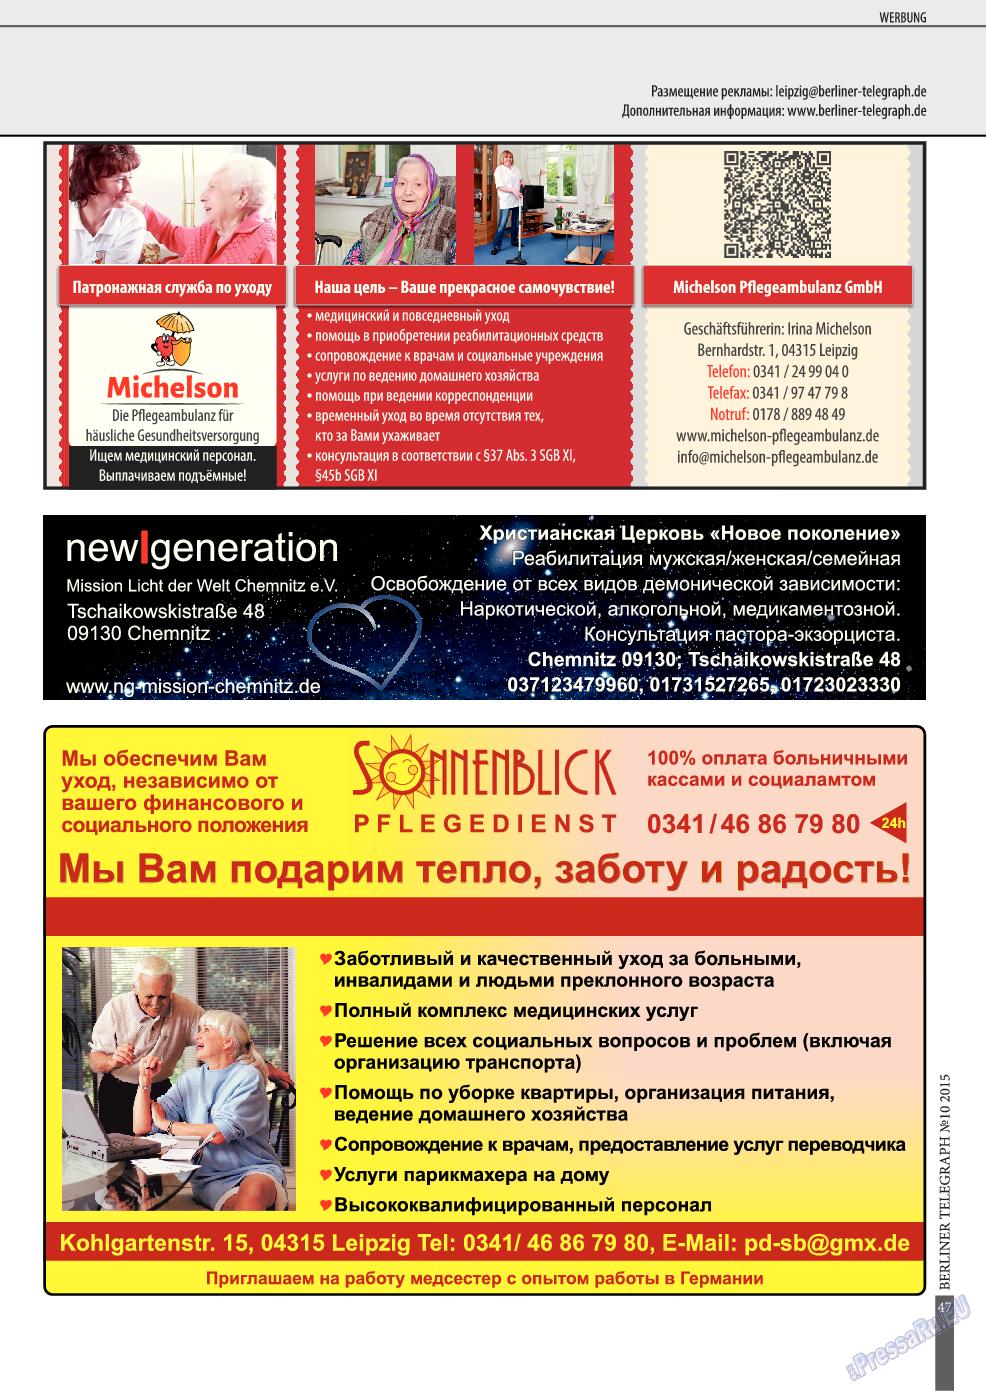 Берлинский телеграф (журнал). 2015 год, номер 11, стр. 47